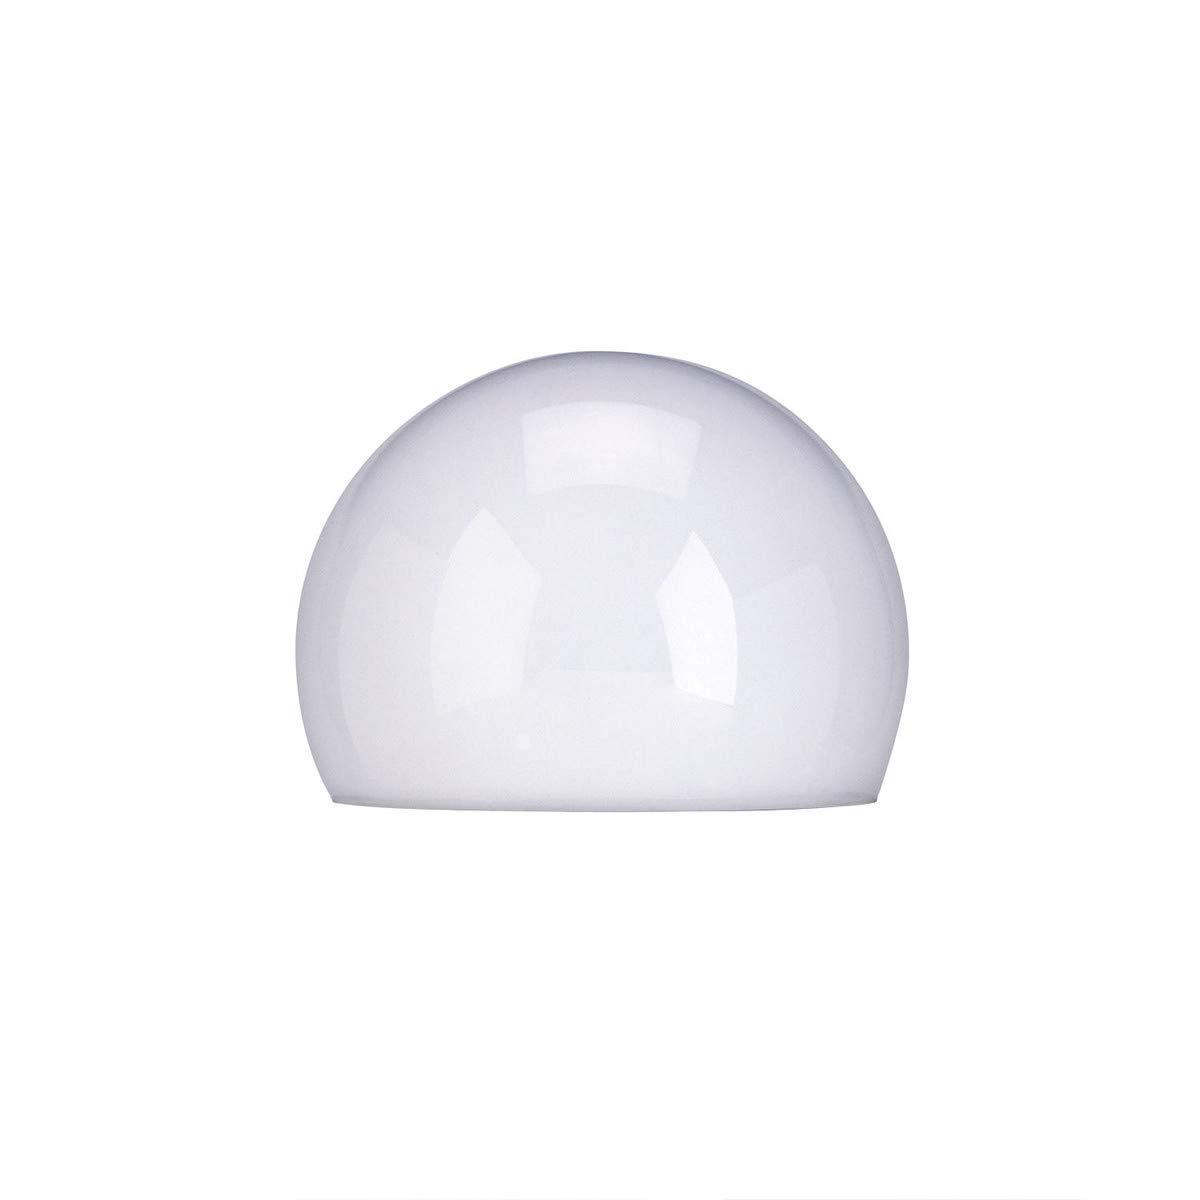 Tecnolumen - Wg24 vidrio de repuesto wagenfeld lámpara para ...